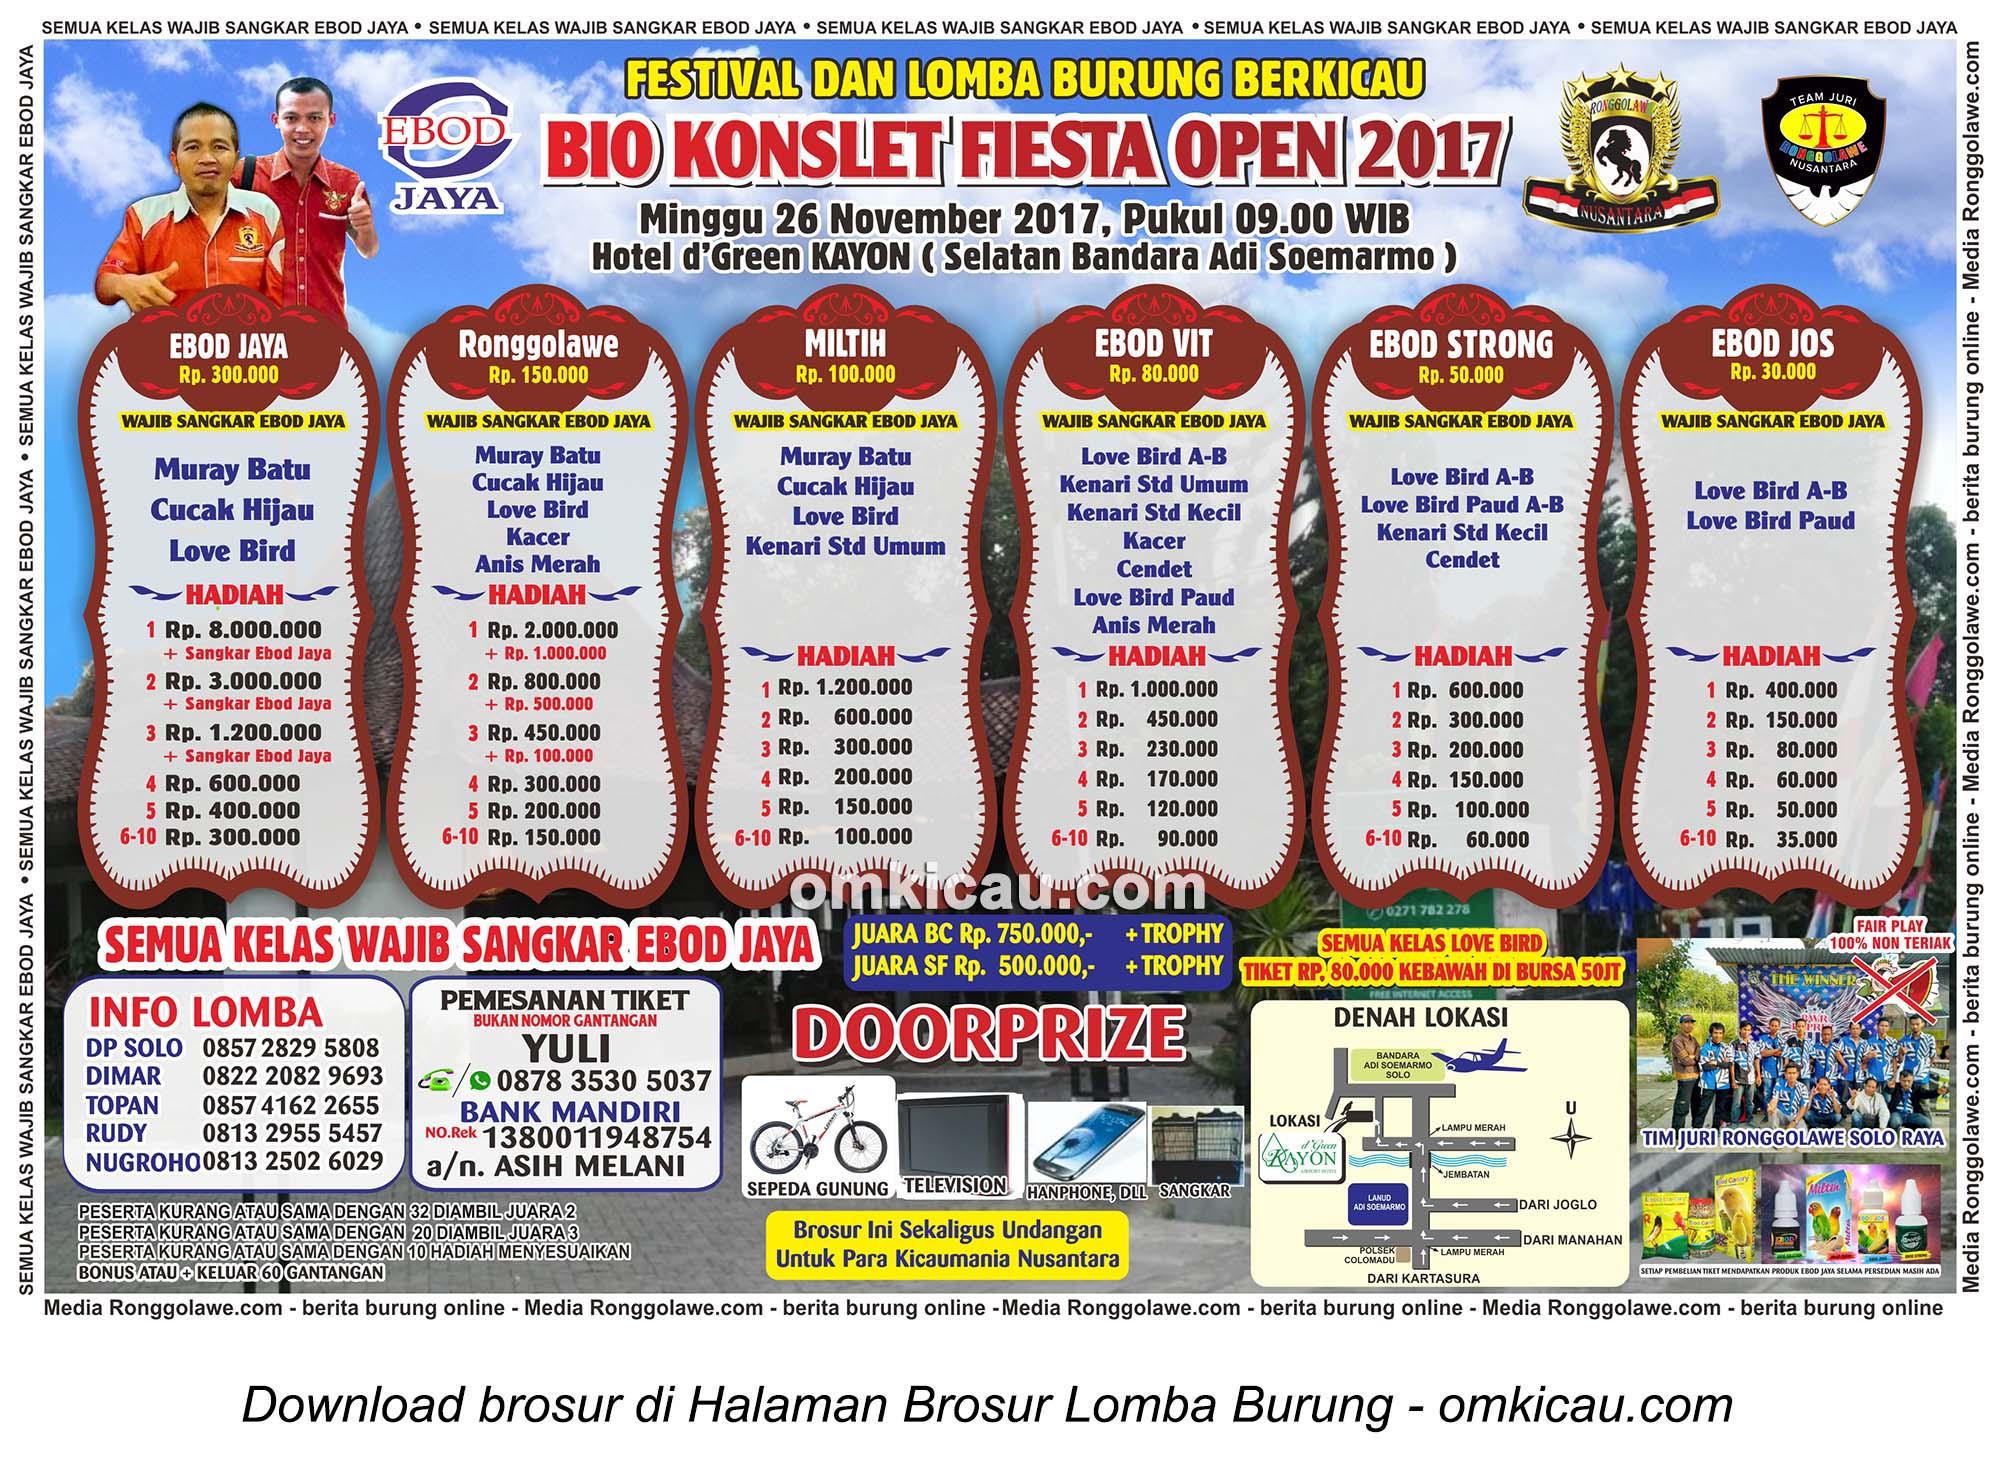 Bio Konslet Fiesta Open